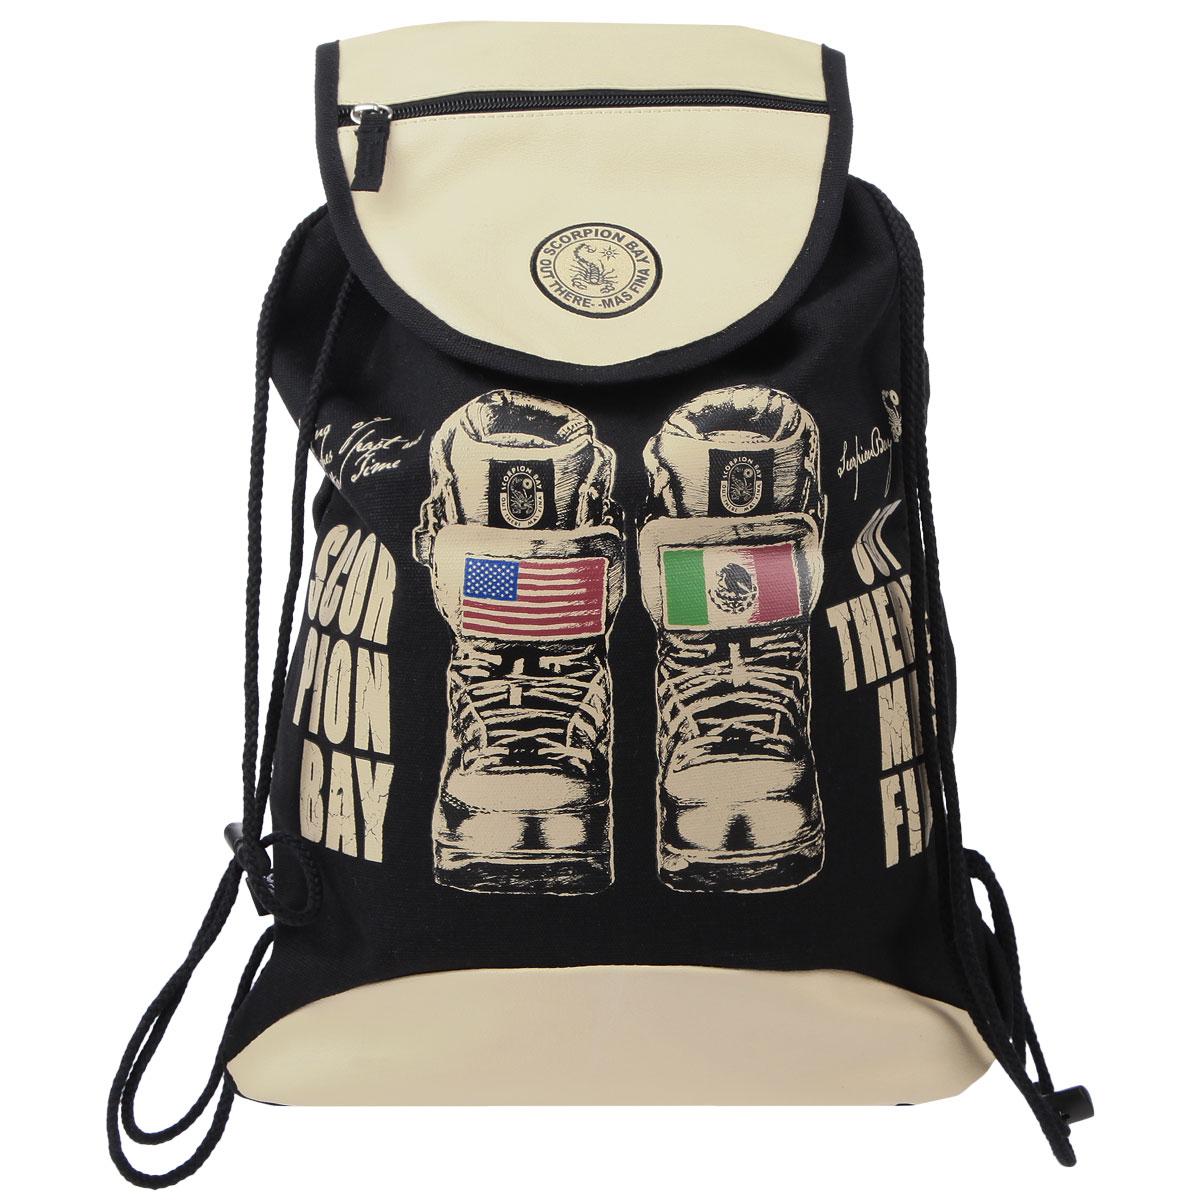 Сумка-рюкзак для обуви Scorpion Bay, цвет: бежевый, черныйSBAB-RT1-895Сумка для сменной обуви Scorpion Bay идеально подойдет как для хранения, так и для переноски сменной обуви и одежды. Сумка, оформленная ярким принтом, выполнена из прочного износостойкого материала и содержит одно вместительное отделение, закрывающееся клапаном на липучке и затягивающееся с помощью текстильных шнурков. Шнурки фиксируются в нижней части сумки, благодаря чему ее можно носить за спиной как рюкзак. На клапане имеется дополнительный карман на молнии. Ваш ребенок с радостью будет ходить в школу с таким аксессуаром.